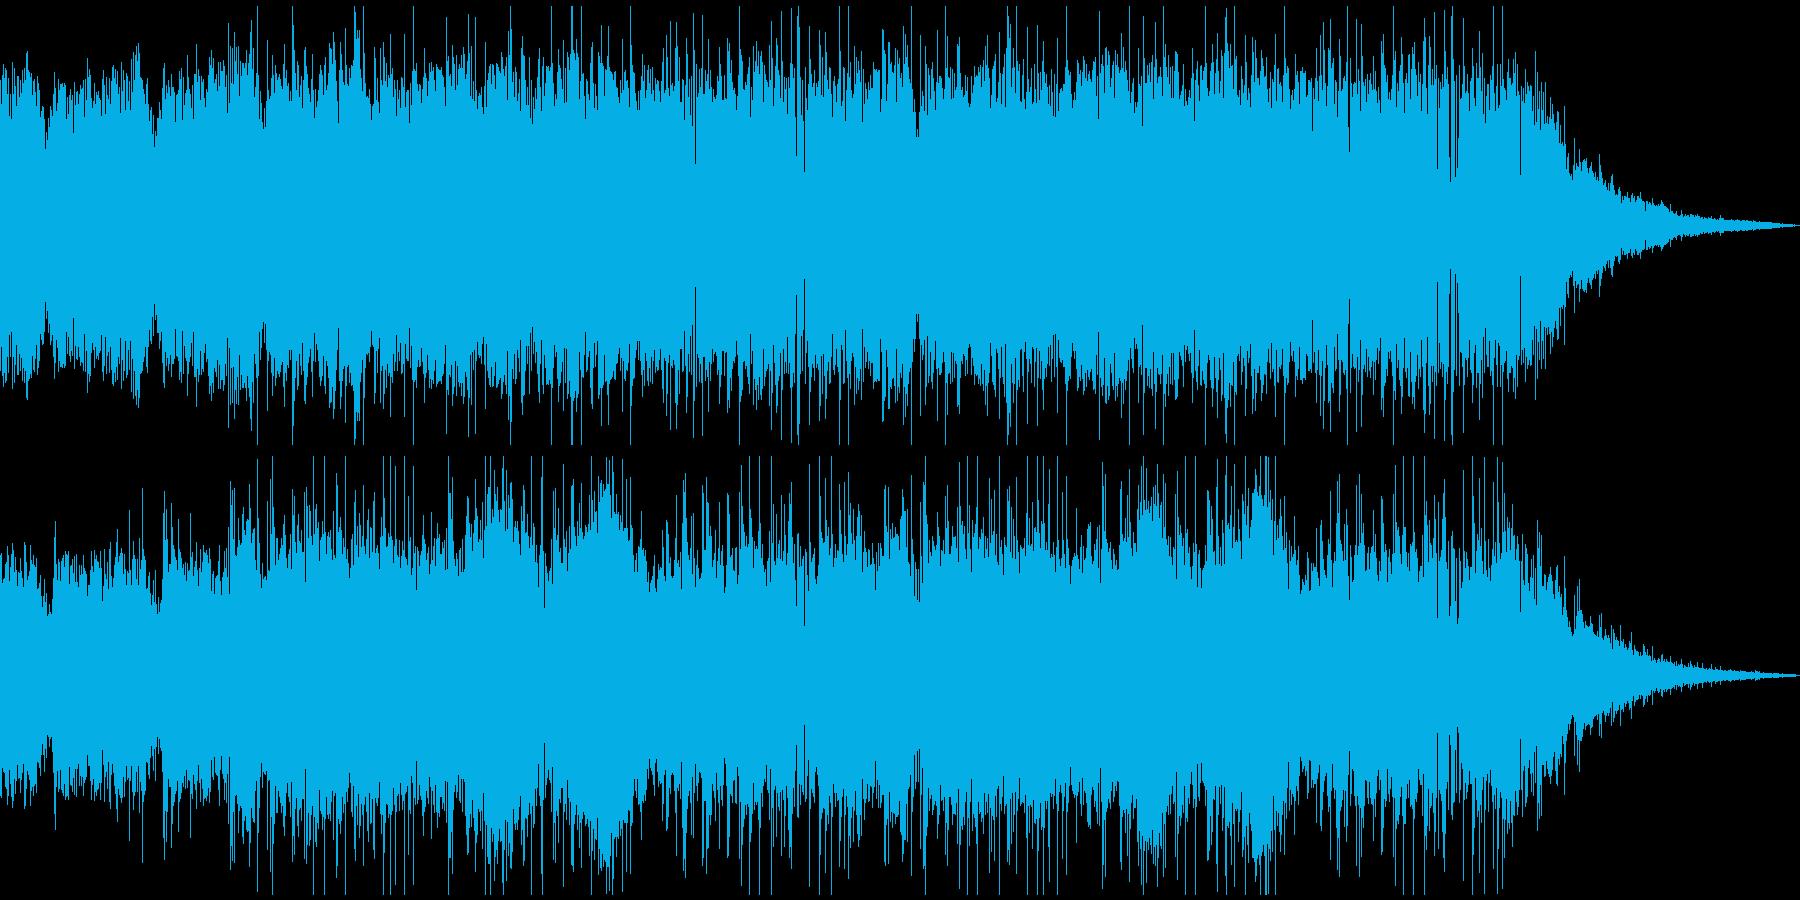 幻想的で近未来的なアンビエント電子世界の再生済みの波形